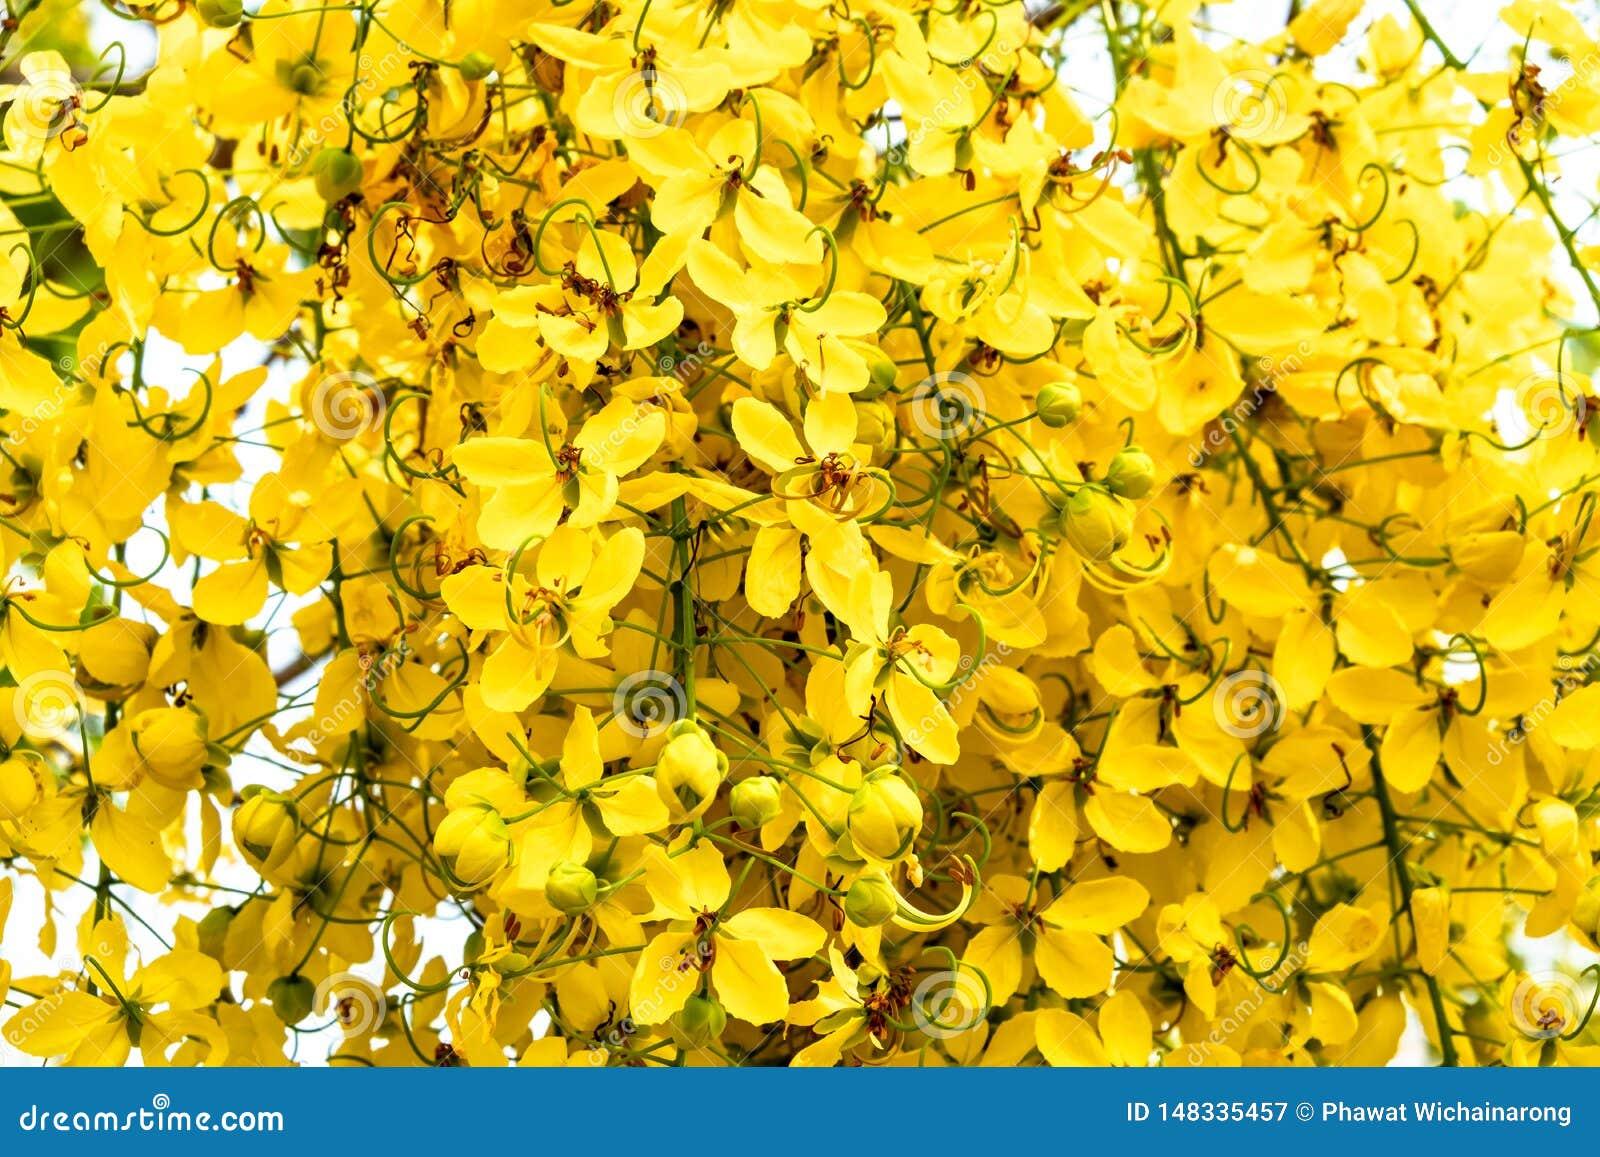 Nahaufnahme eines Bündels der gelben goldenen Duschblume gegen hellen weißen Hintergrund